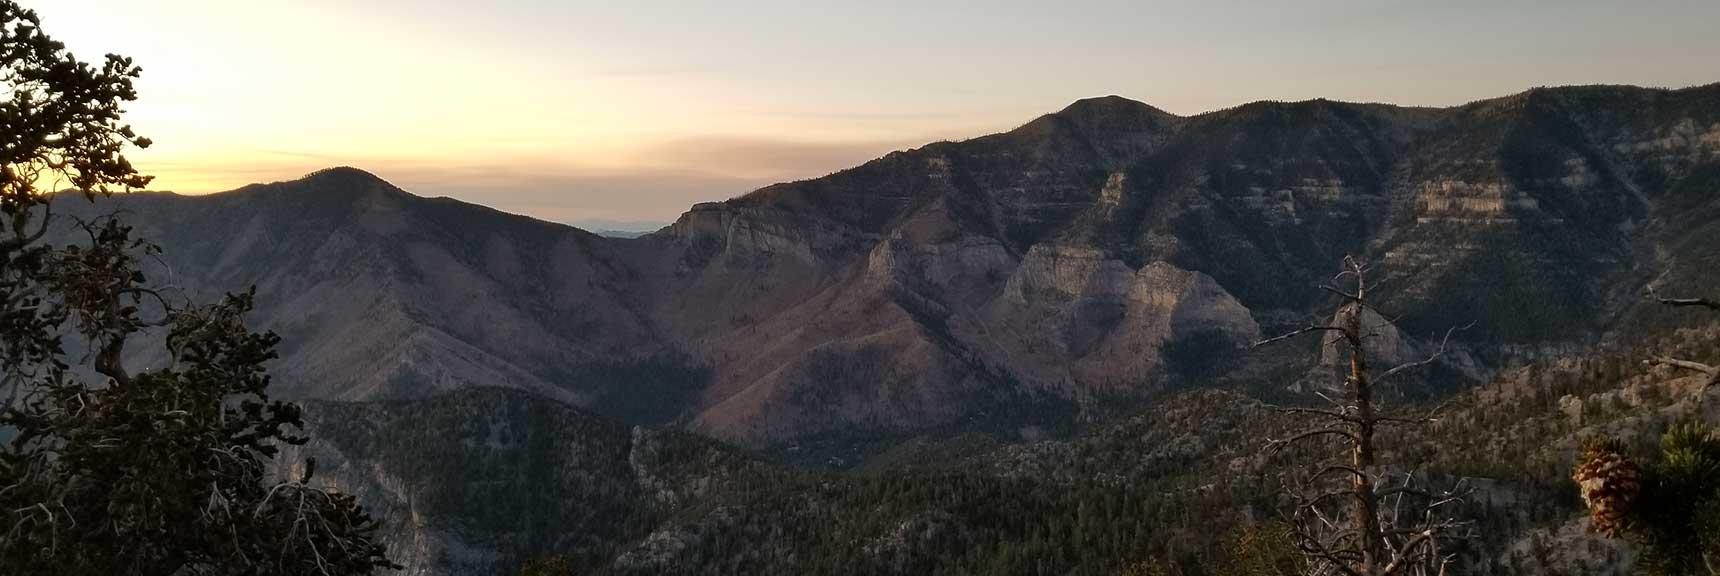 Griffith Peak to Harris Mountain Circuit, Six Peak Circuit Adventure Strategy, Spring Mountains, Nevada